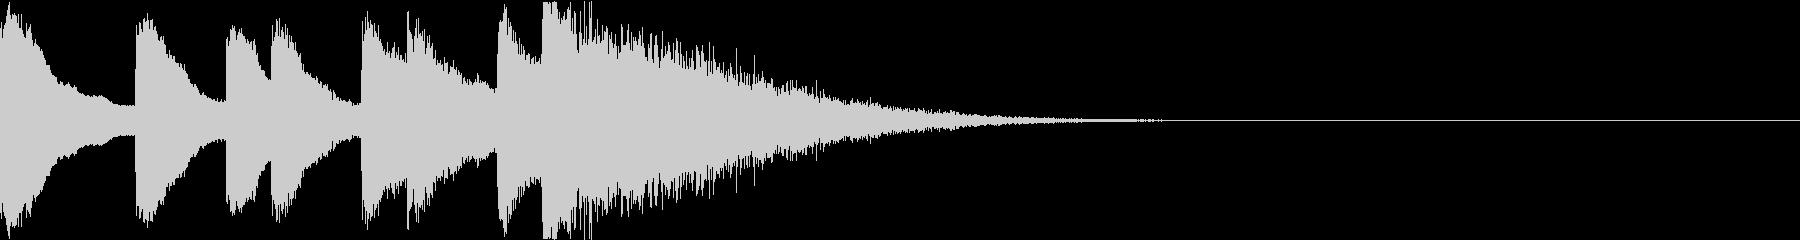 シンプル ベル チャイナ 中国風 01の未再生の波形